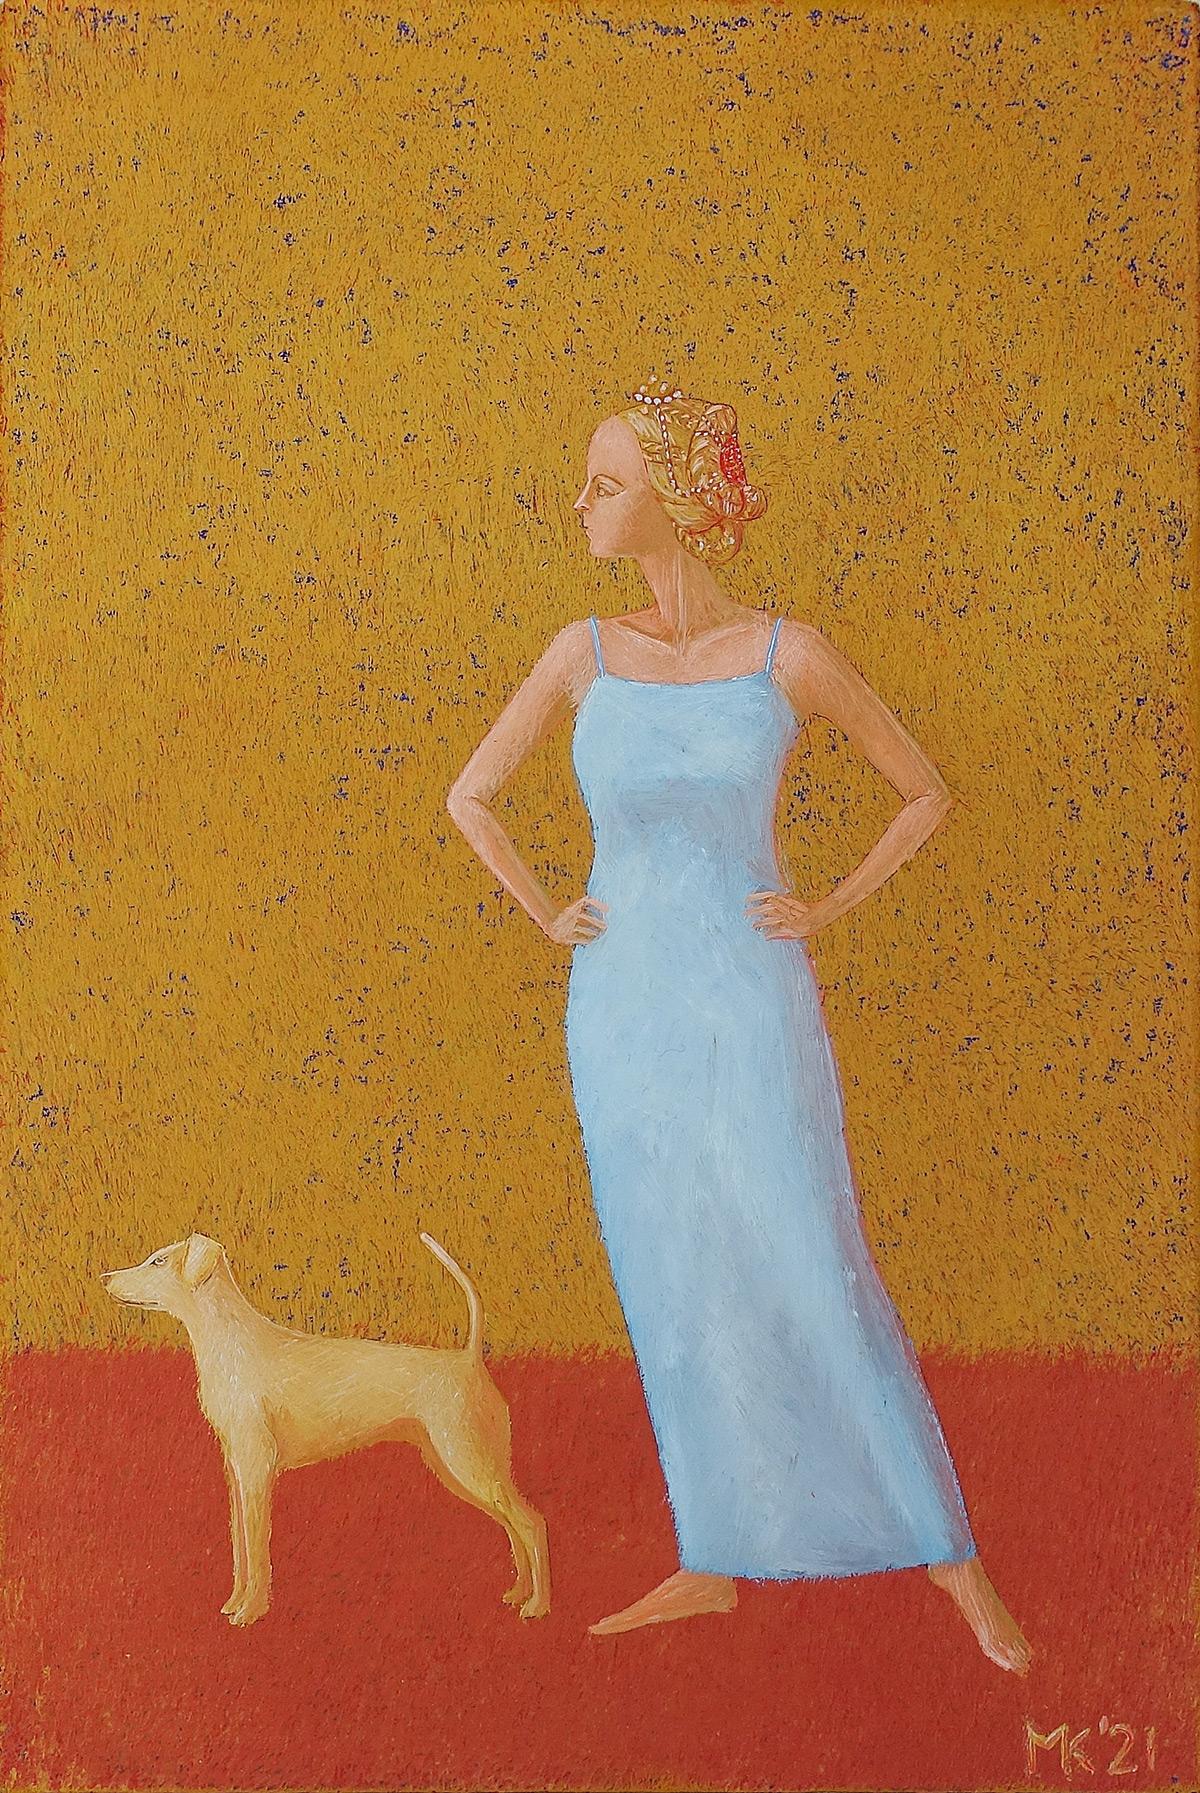 Mikołaj Kasprzyk : Woman with the dog